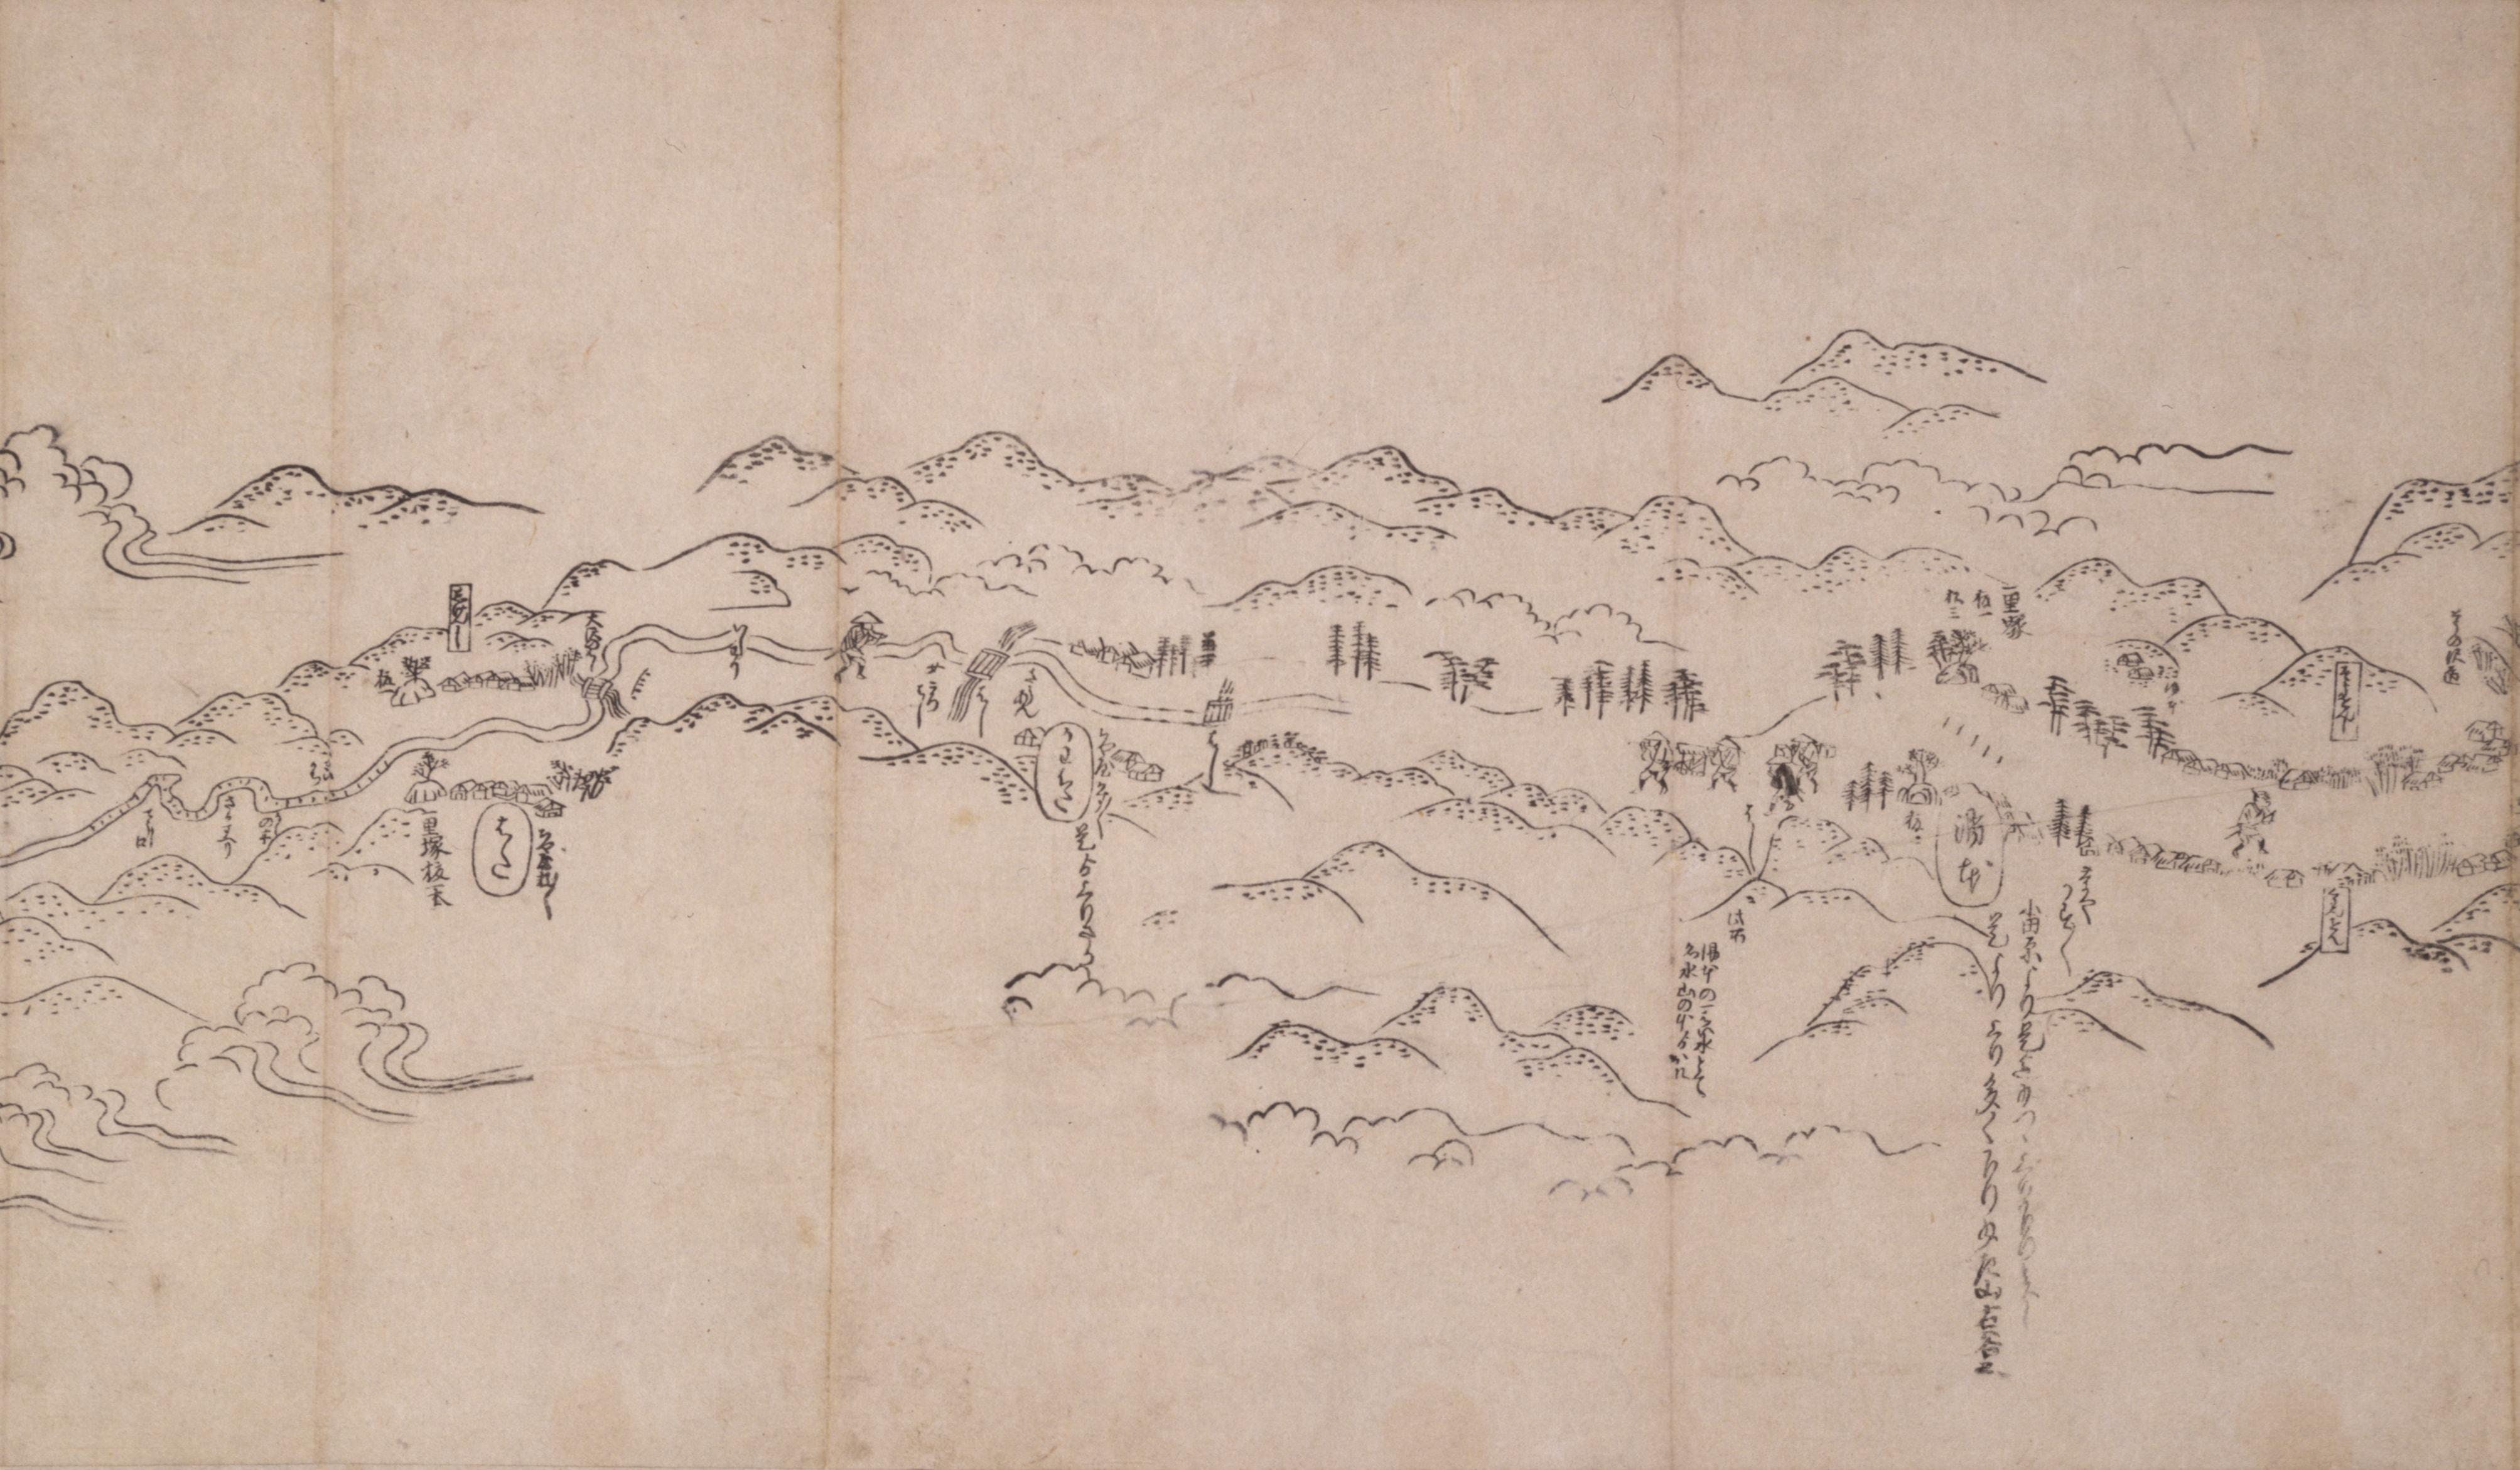 東海道分間之図 十六